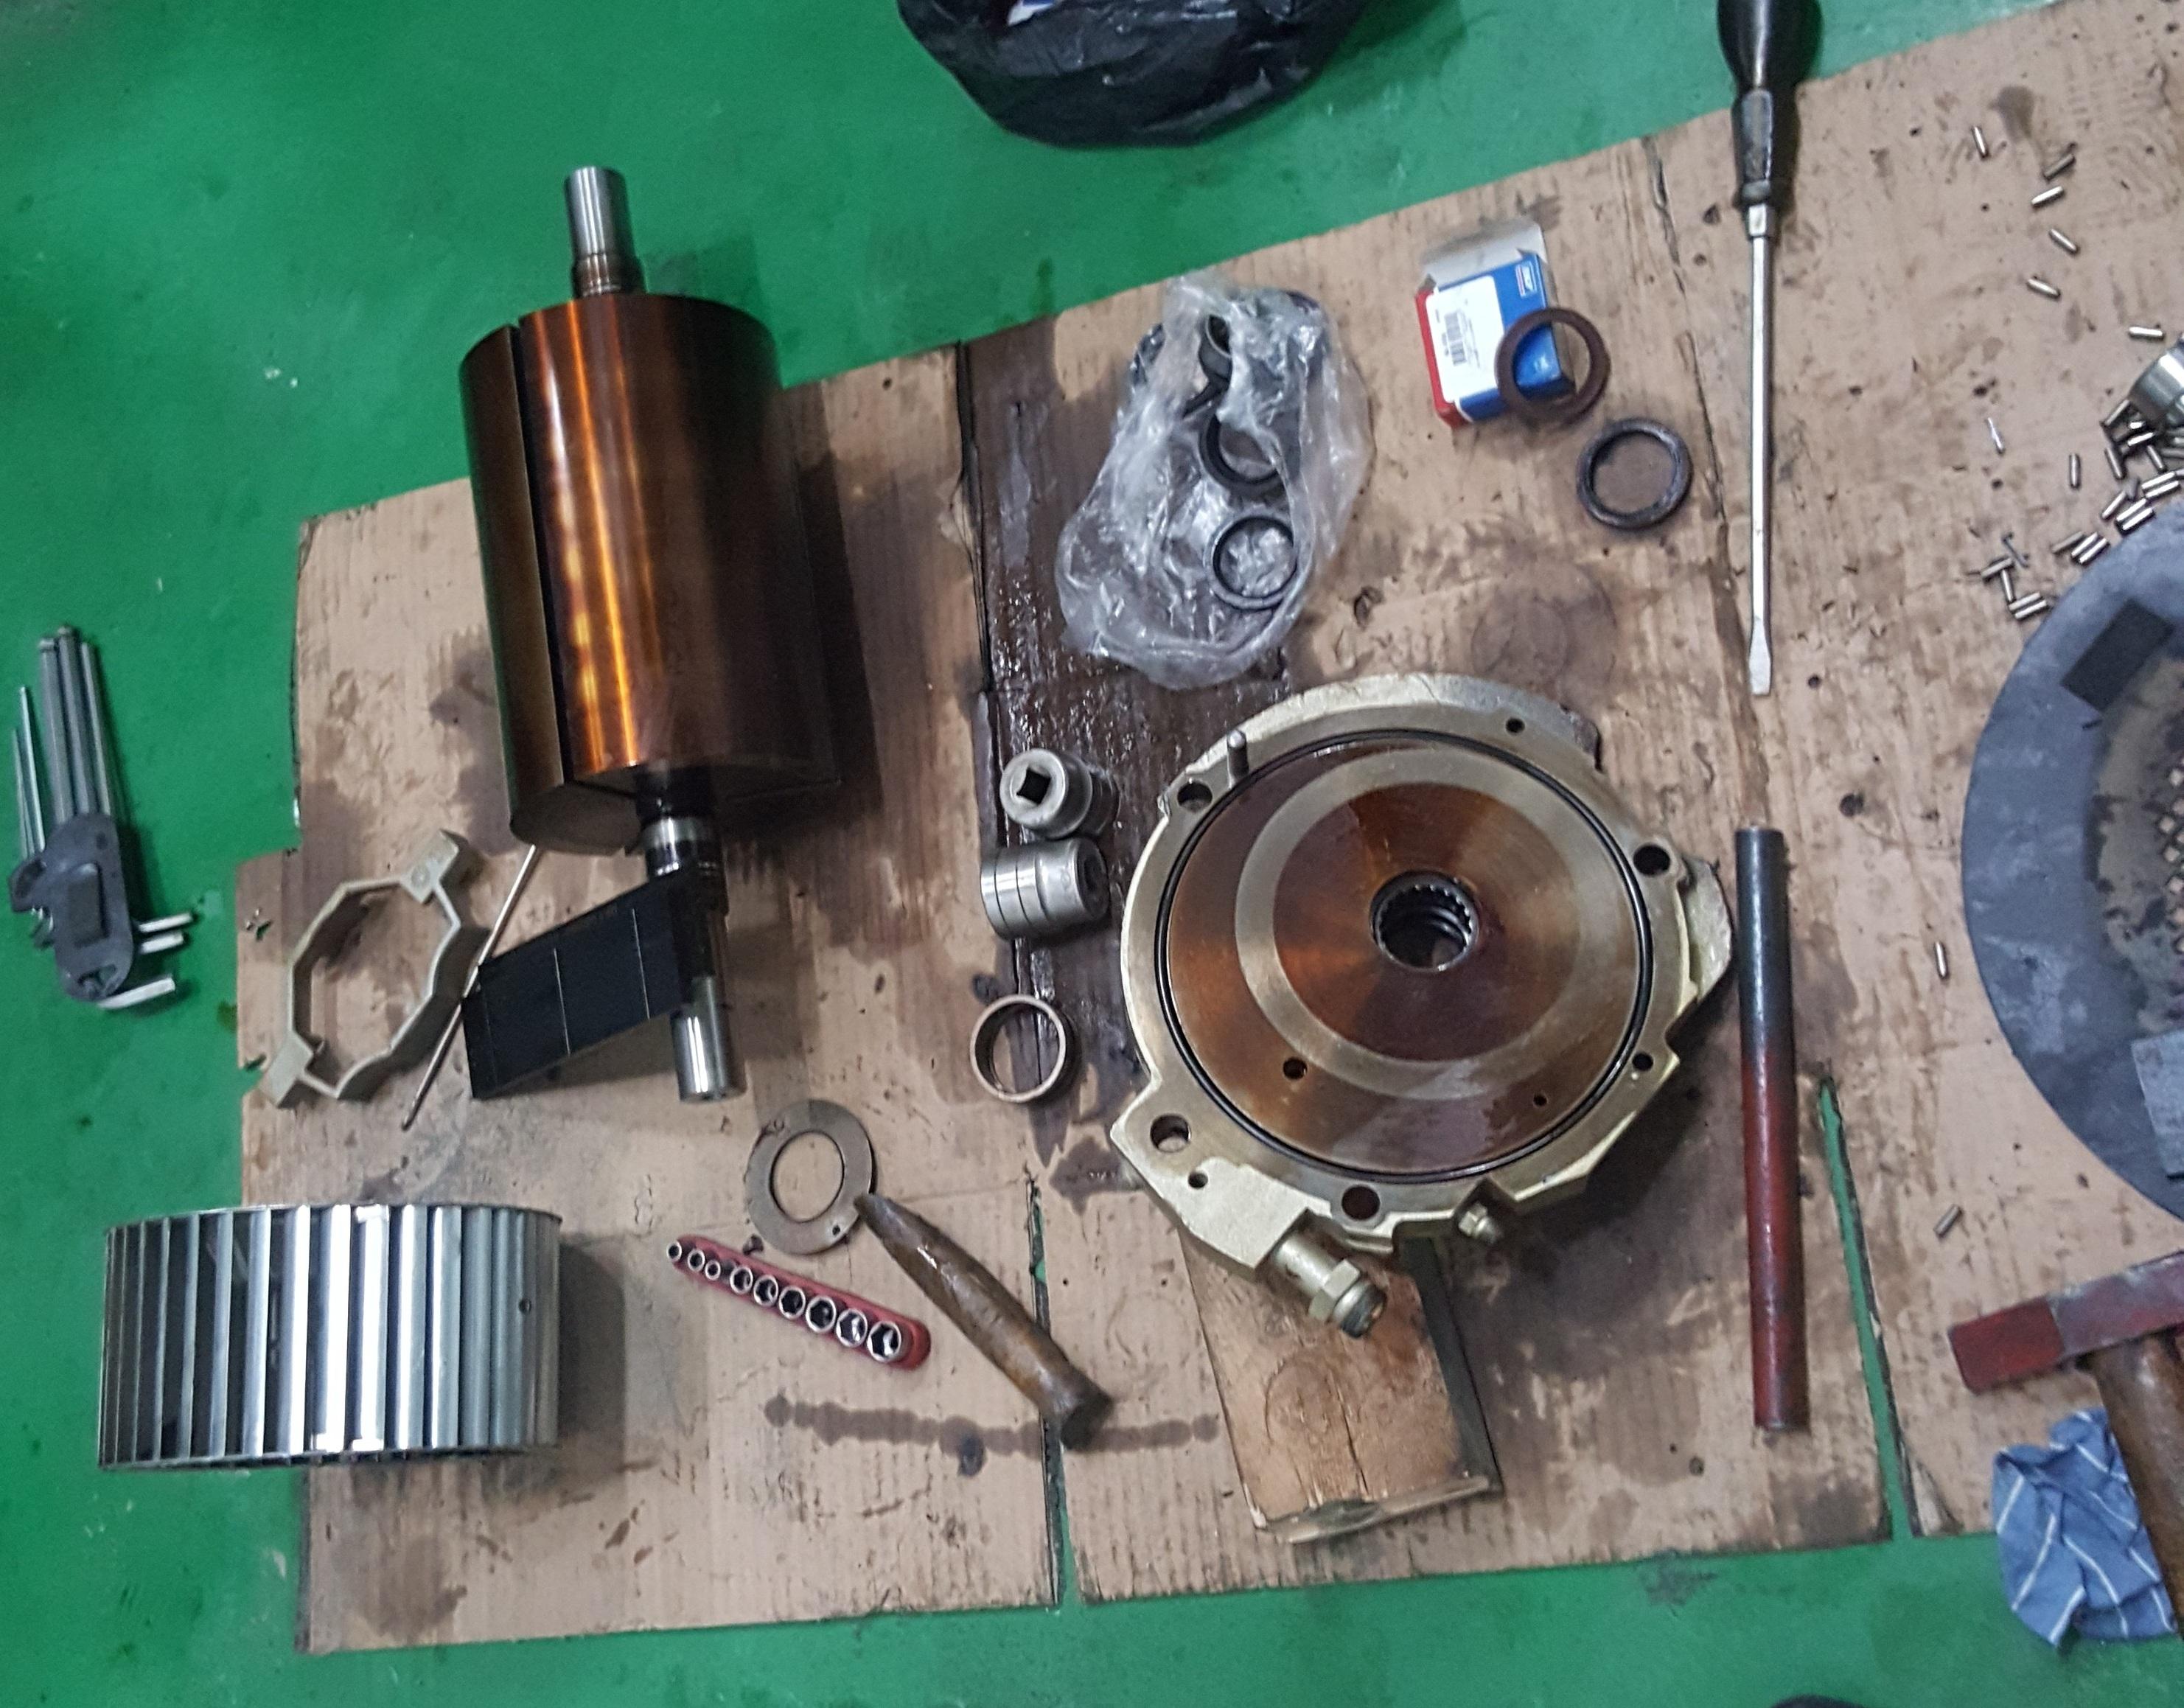 Các phụ kiện đều bị keo dầu, trục bơm bị đóng keo làm bơm không chạy được